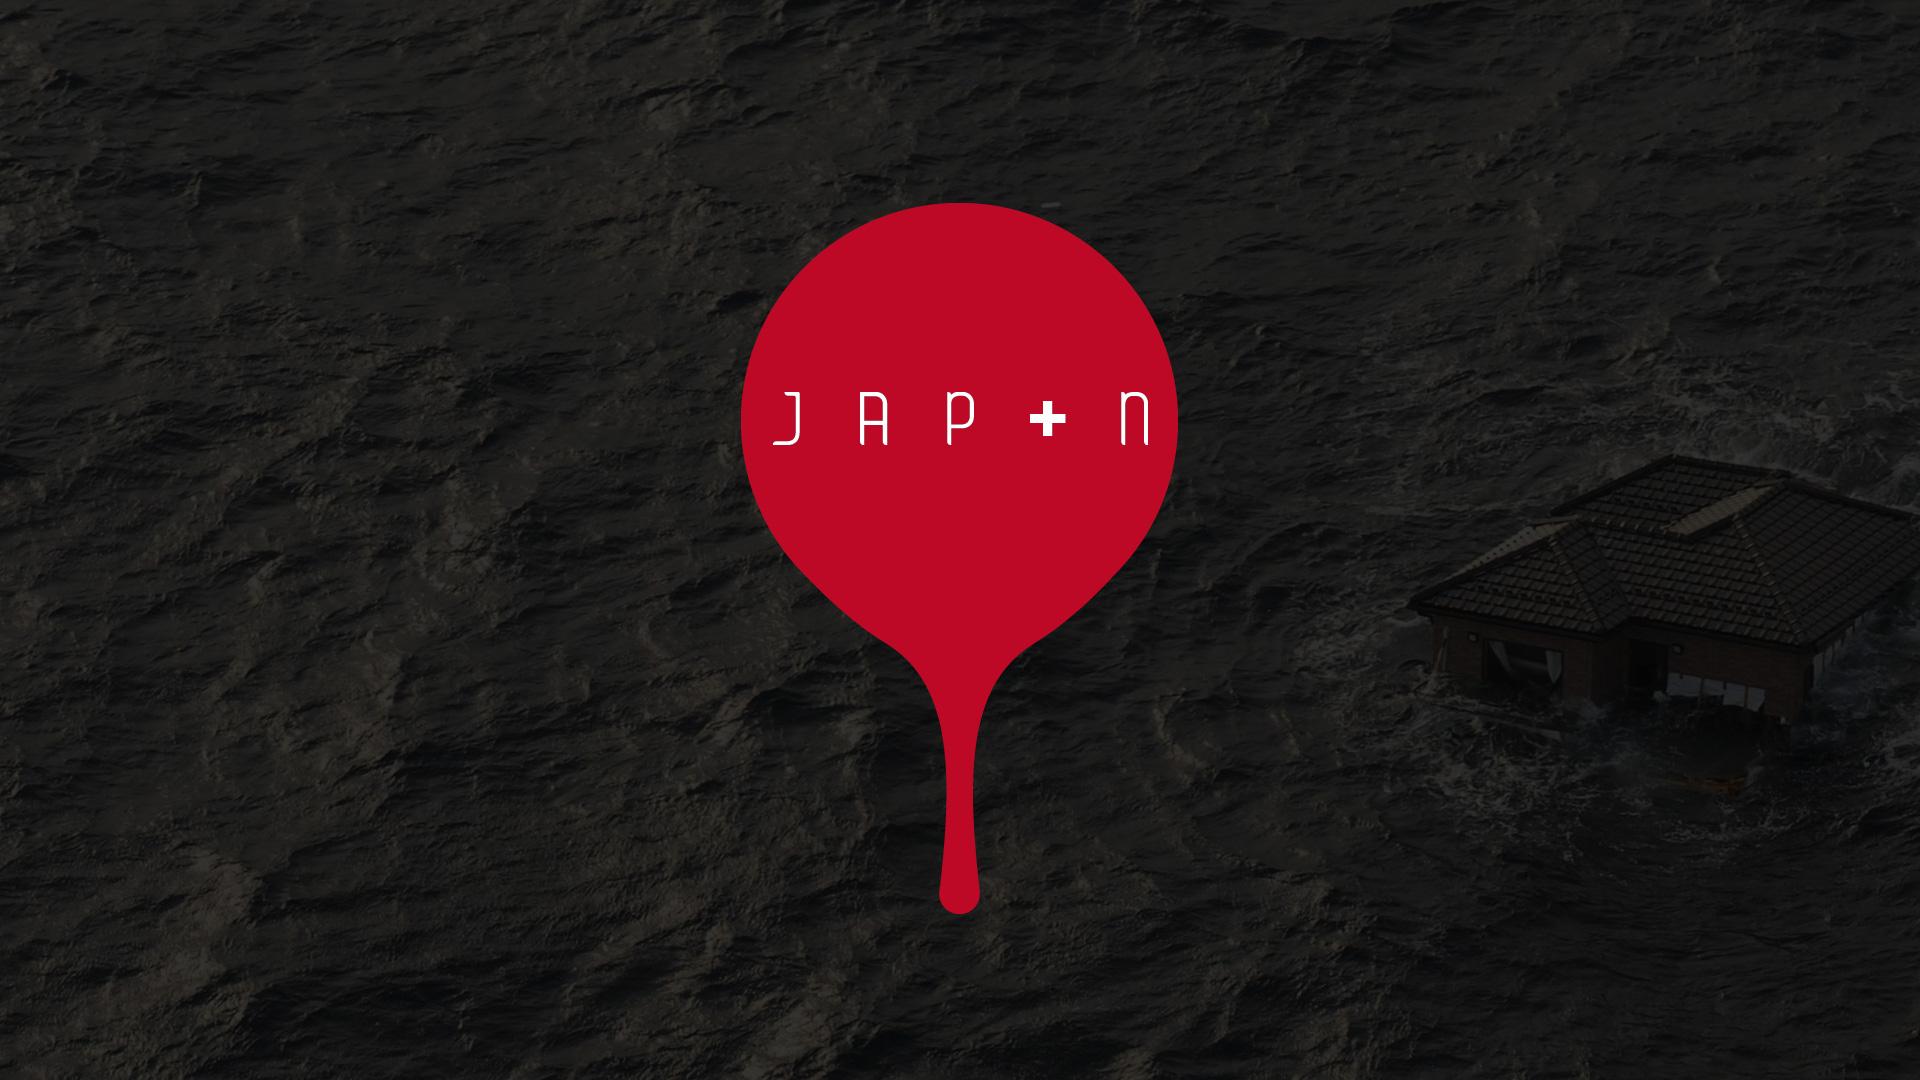 01_florian_branchet_designer_graphique_help_japan_intro